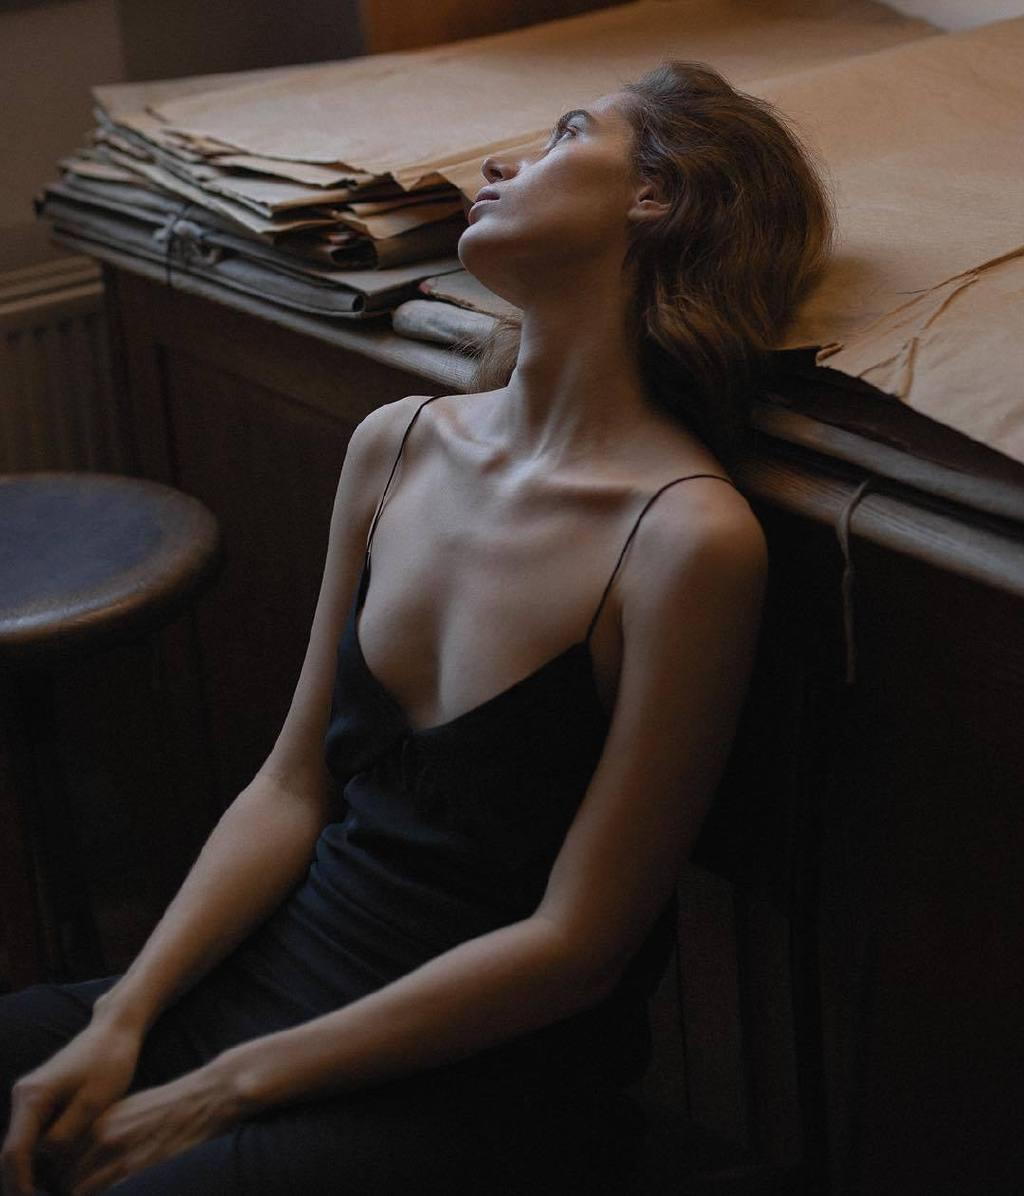 俄罗斯摄影师Anastasia Lisitsyna的人像摄影作品 时尚图库 第3张